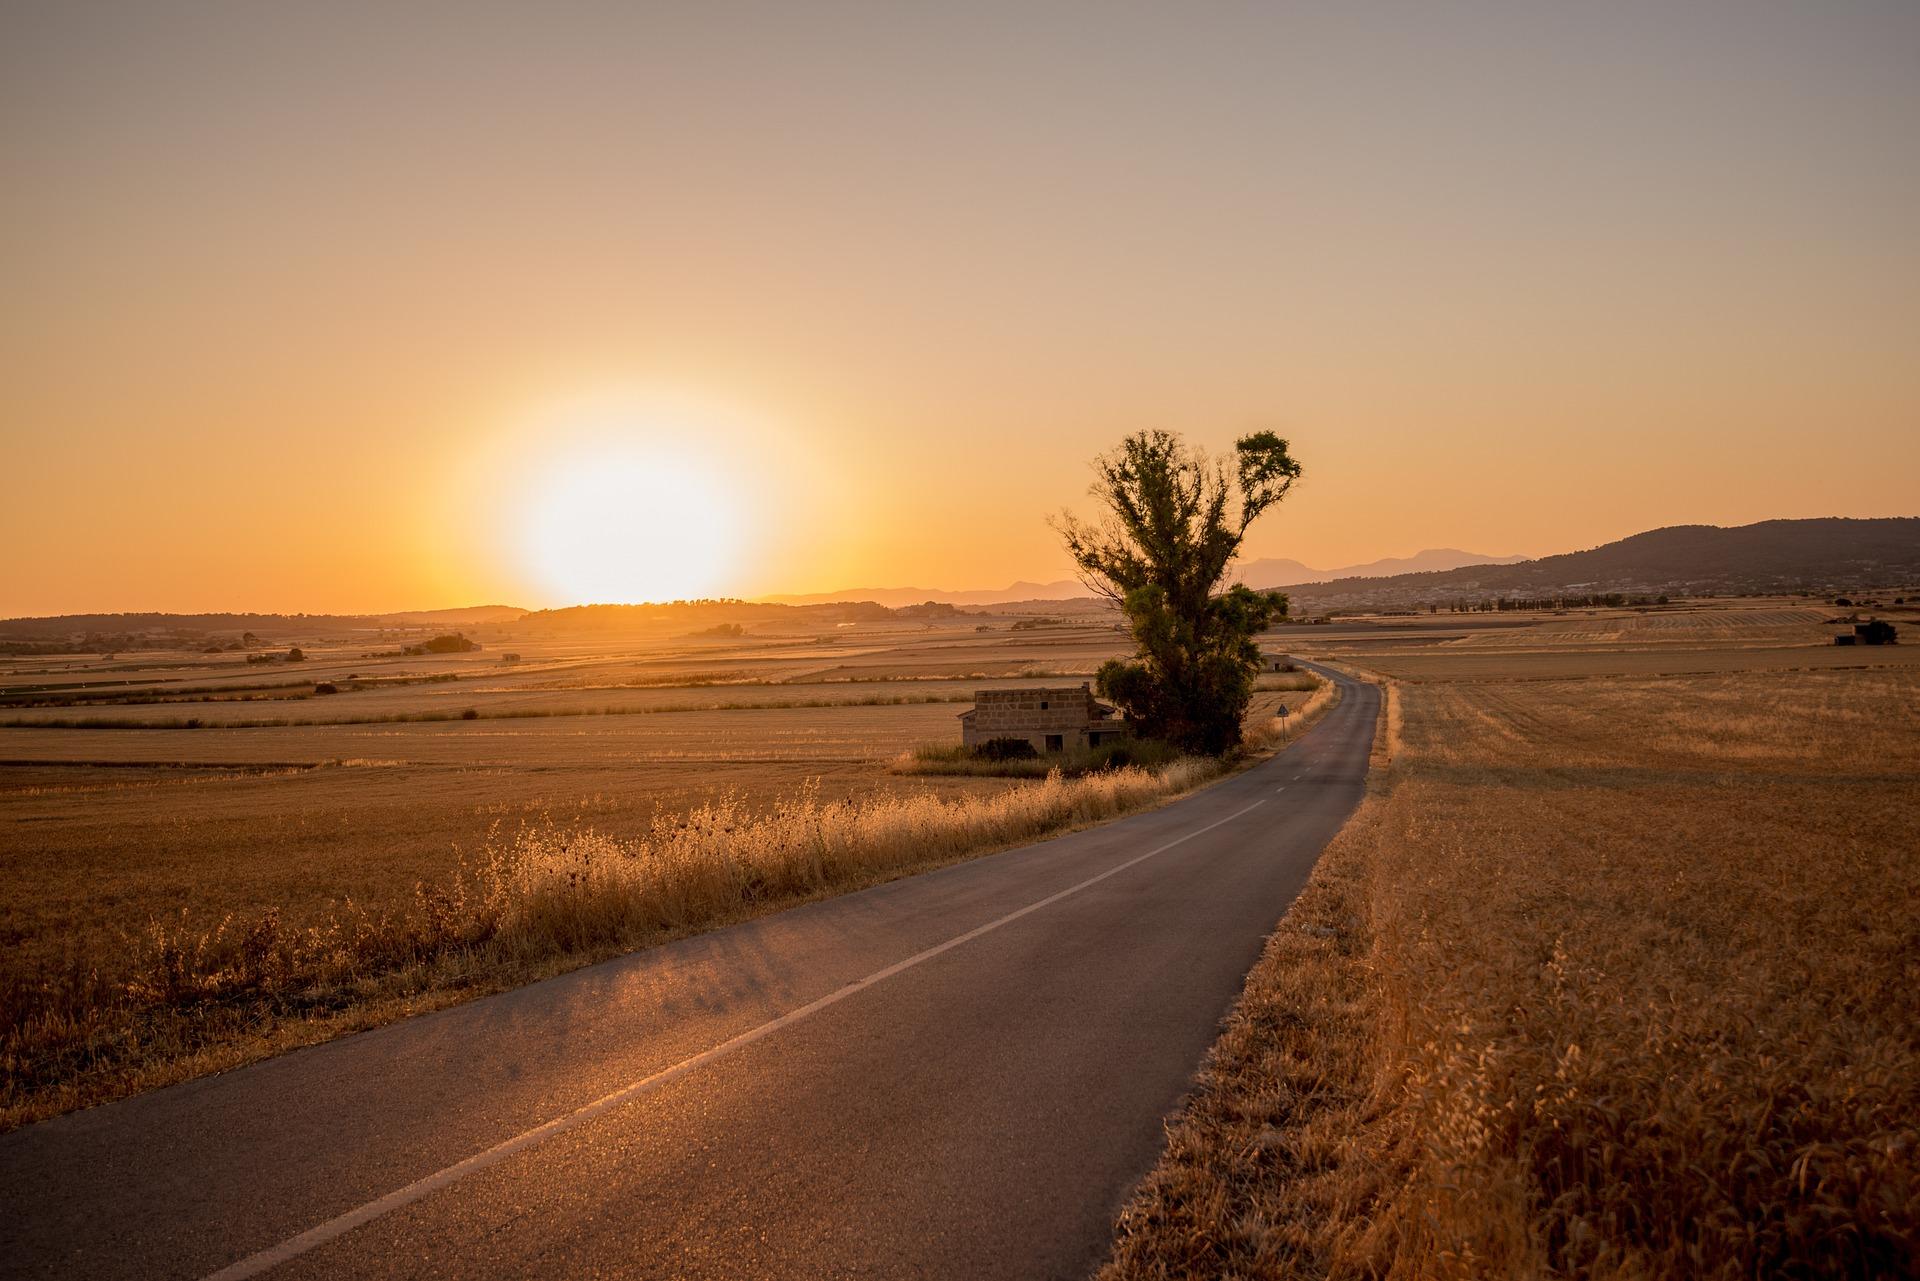 Sonnenuntergang In Trockener öder Landschaft Als Symbol Wie Trocken Methodik Ohne Führung Sein Kann